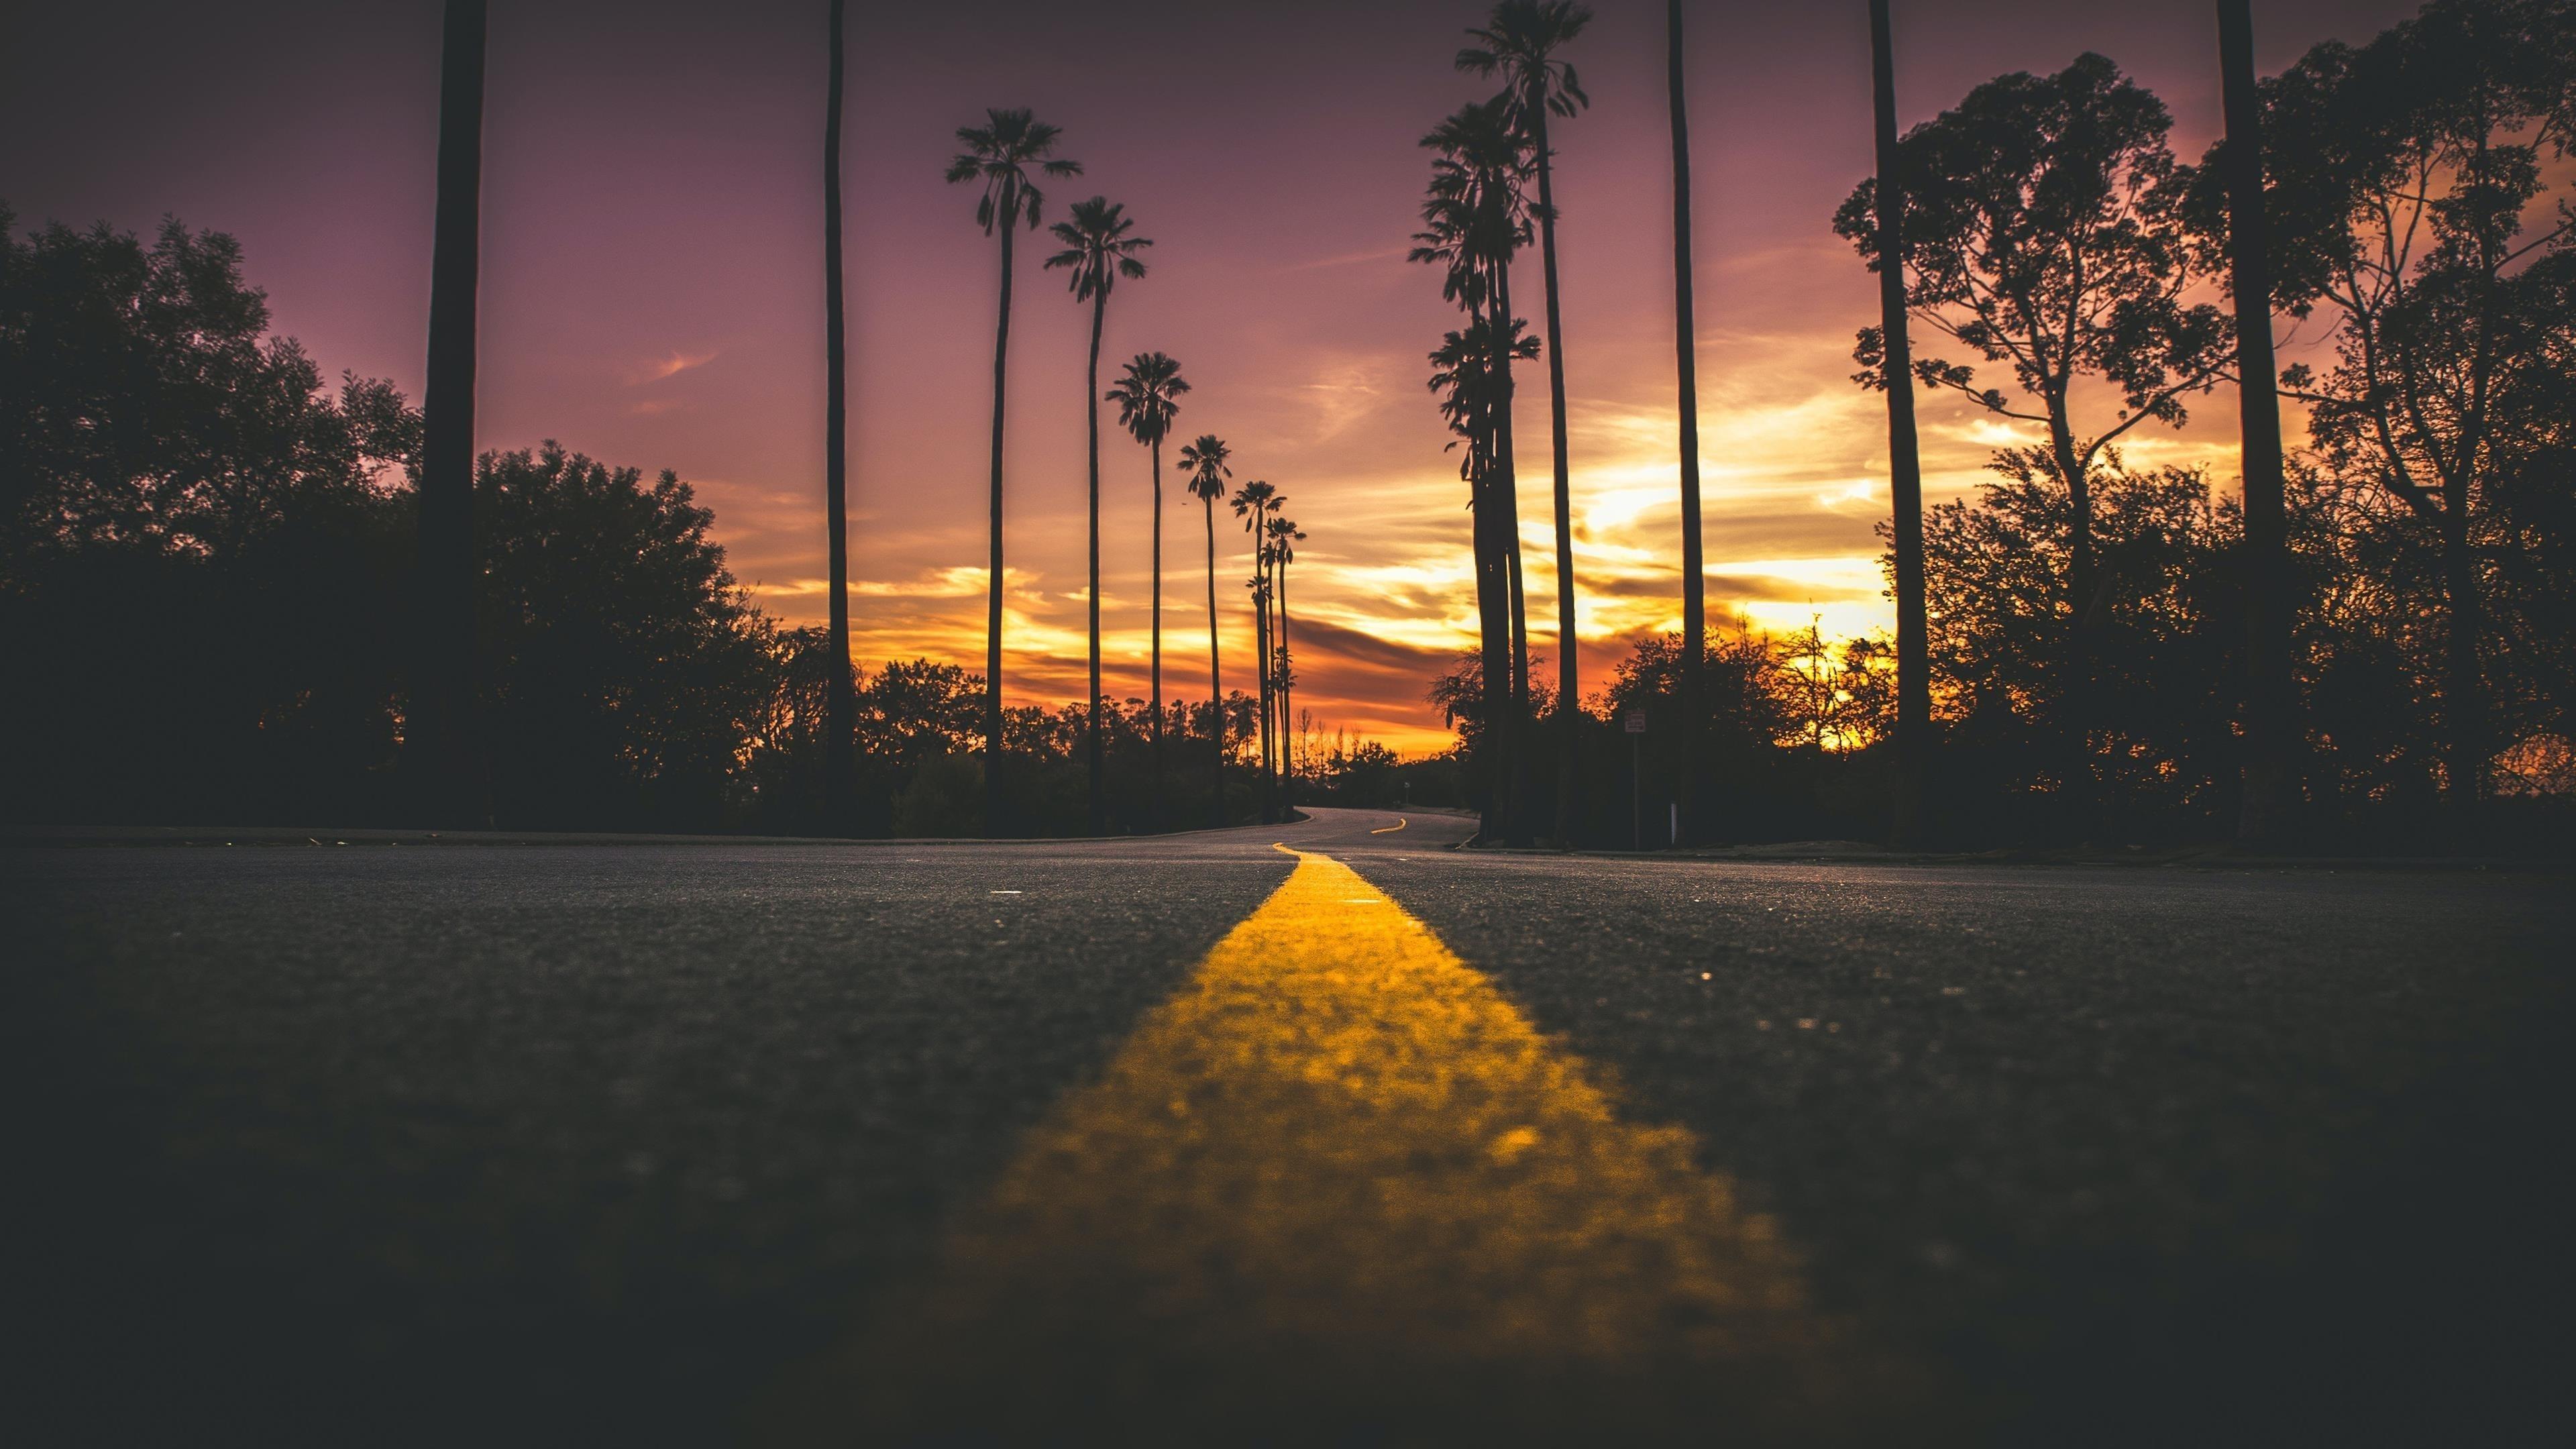 Дорога в городе во время заката солнца обои скачать